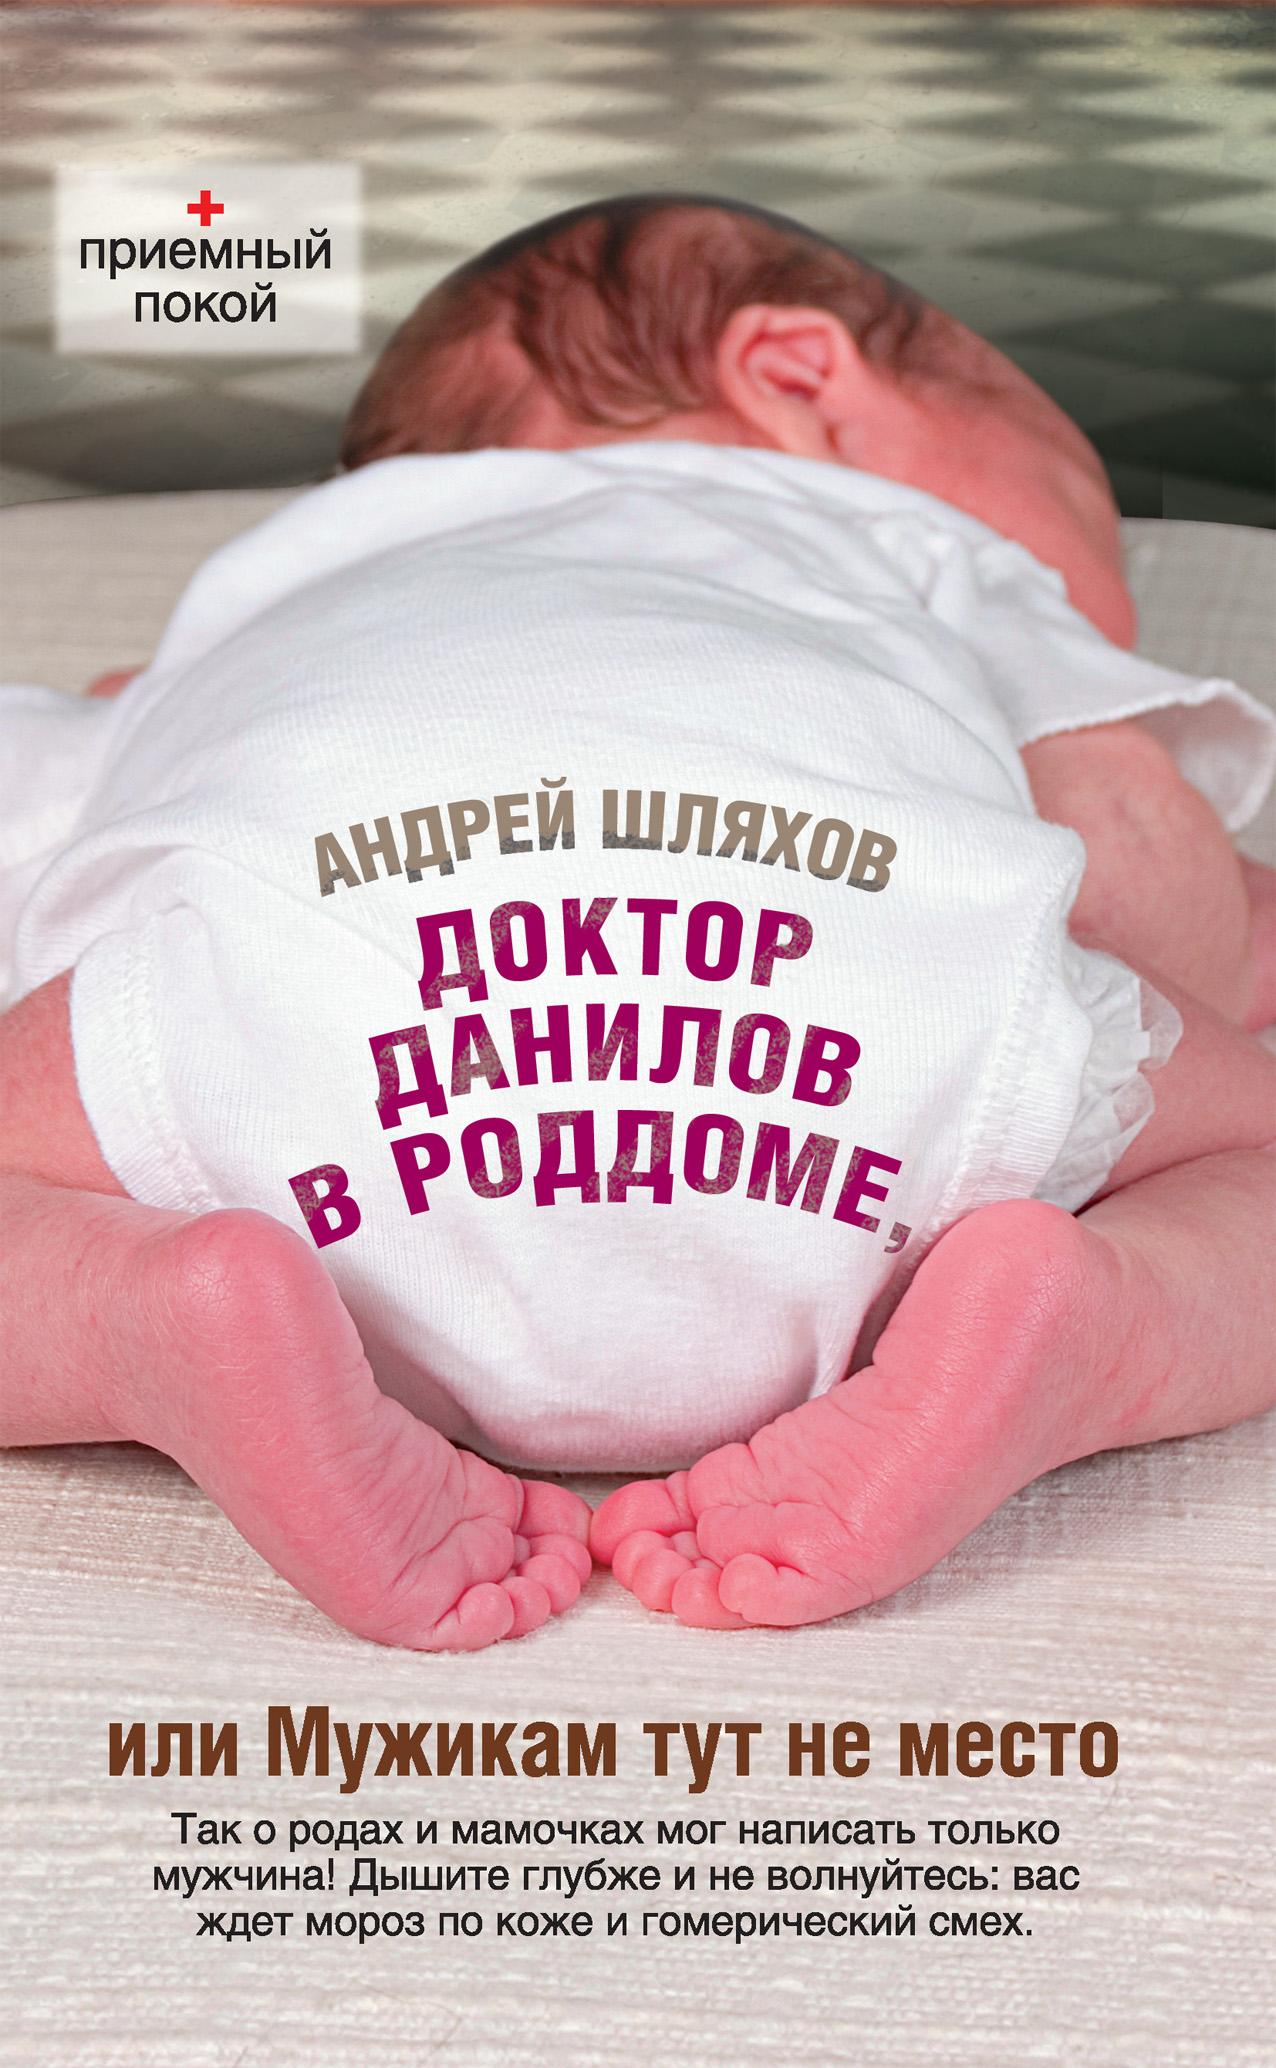 купить Андрей Шляхов Доктор Данилов в роддоме, или Мужикам тут не место по цене 119 рублей